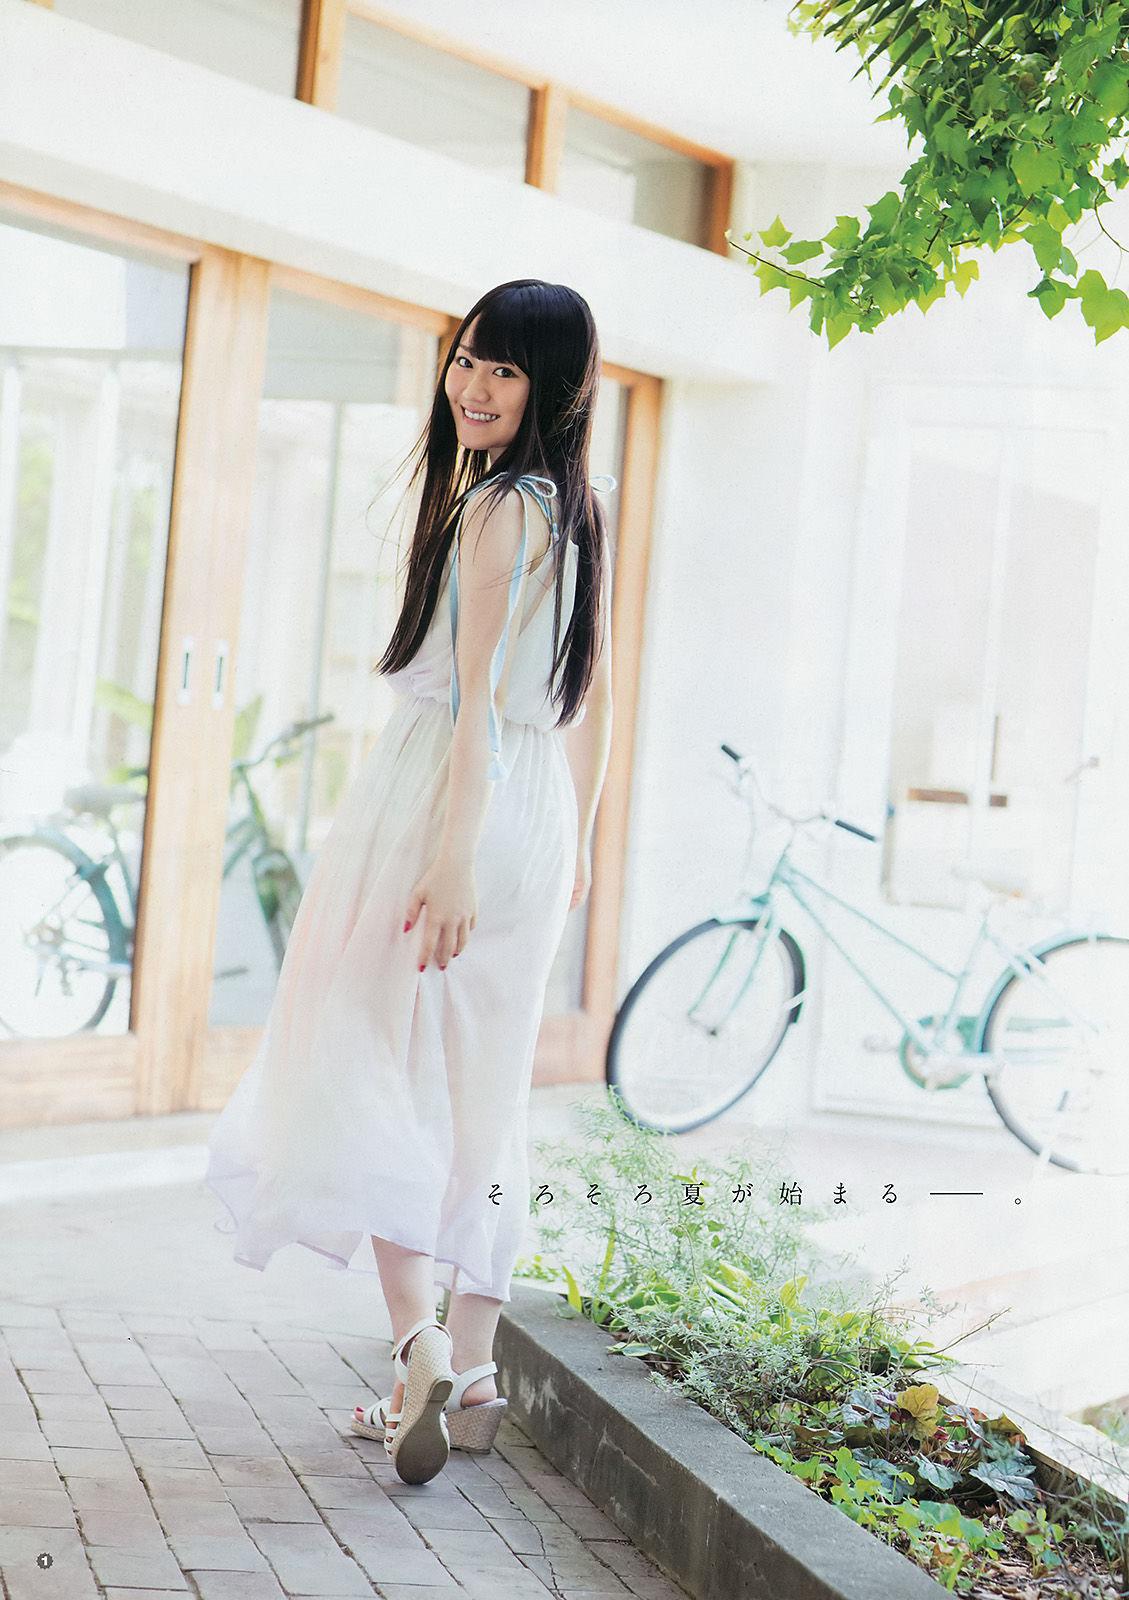 VOL.566 [Young Gangan]女神正妹:小仓唯超高清写真套图(14P)